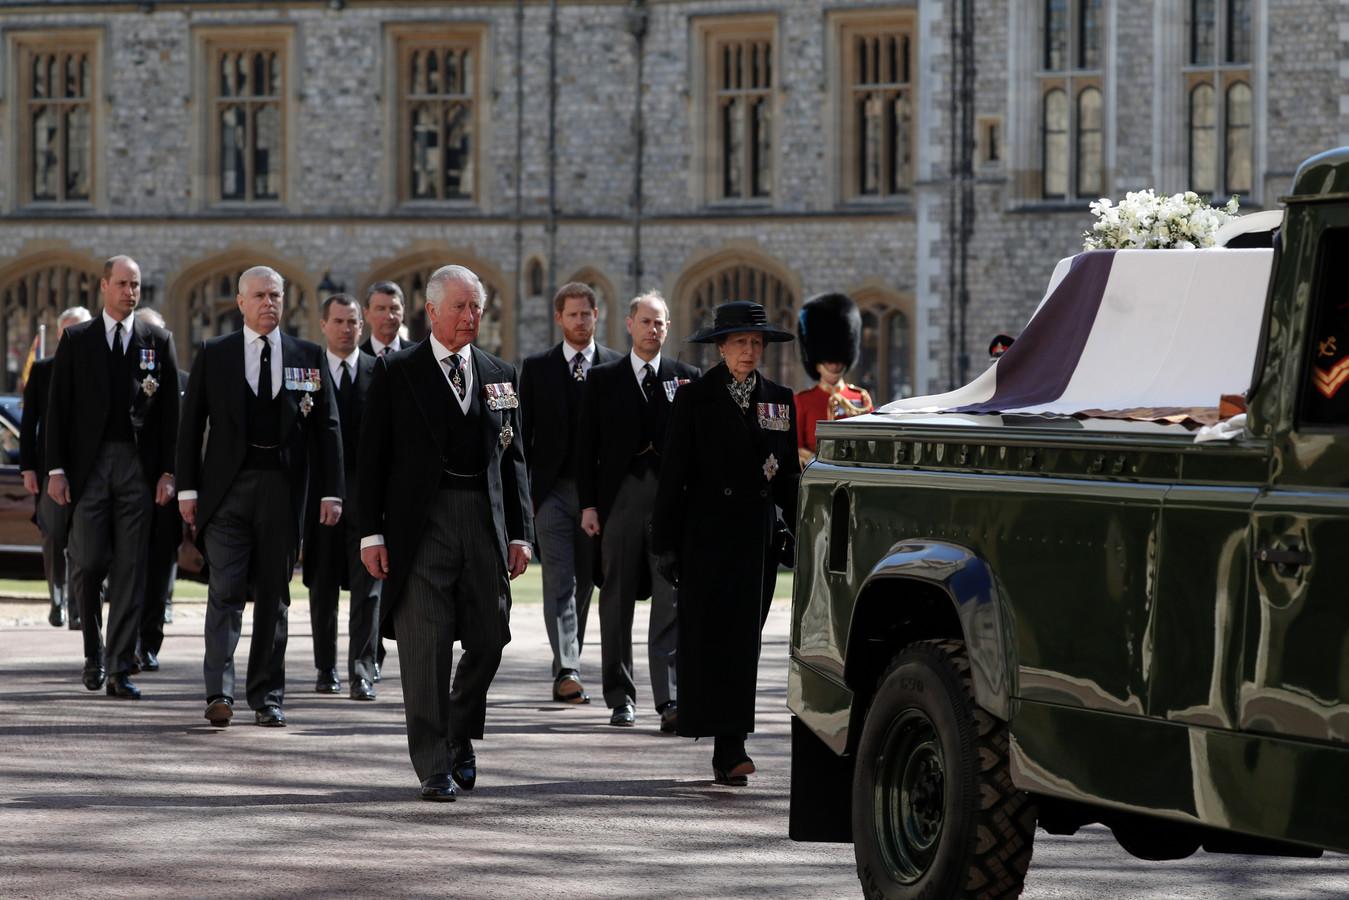 Prins Charles, prinses Anne, prins Andrew. Prins Edward, prins William, Peter Phillips, prins Harry, Earl of Snowdon en Tim Laurence